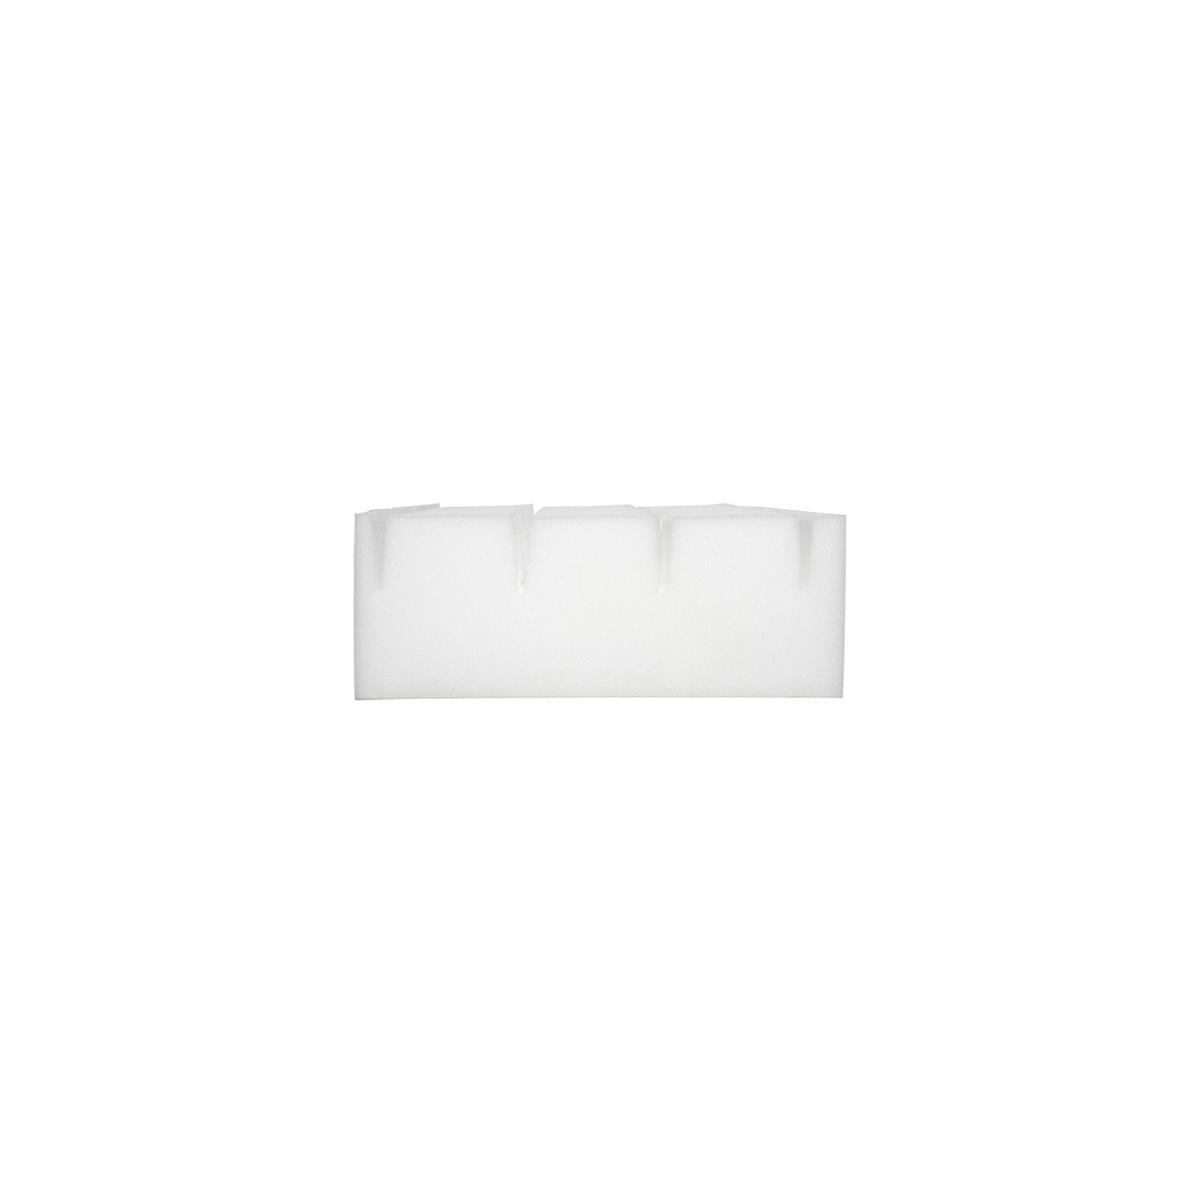 Colchón espuma con funda 180x90 Flexa crema